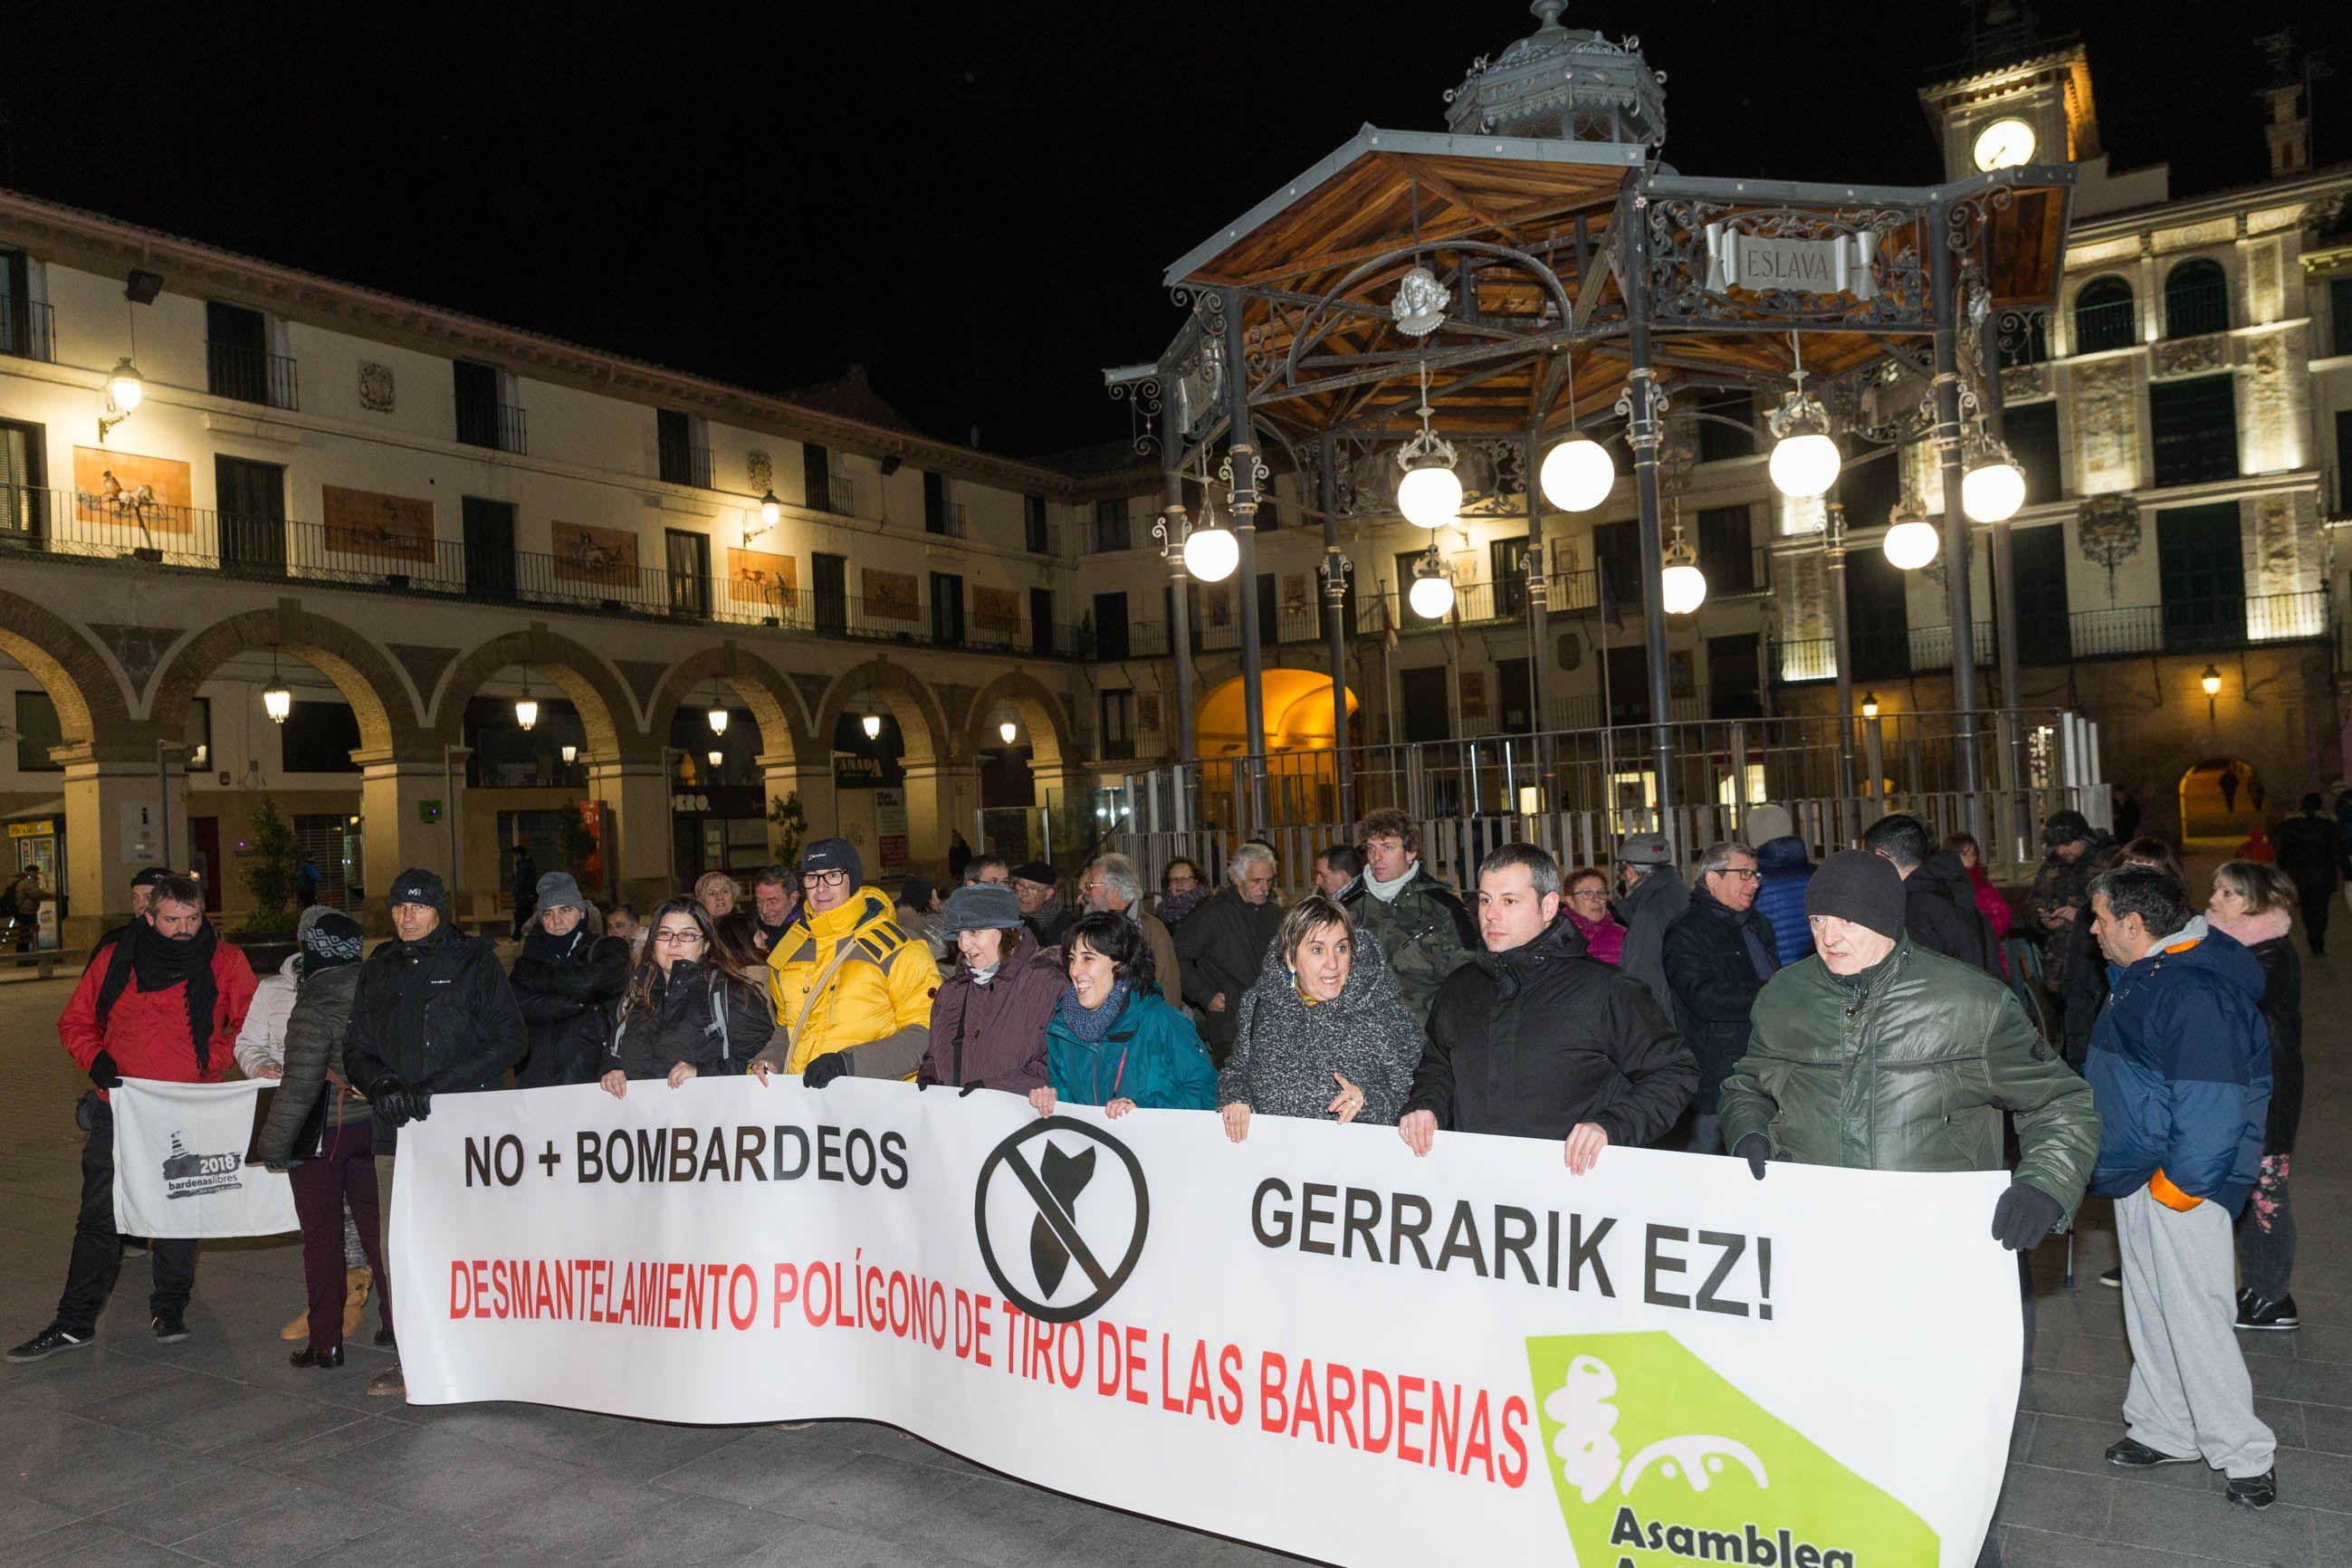 Izquierda-Ezkerra rechaza las maniobras con fuego real en el Parque Natural de Bardenas Reales y pide el desmantelamiento del polígono de tiro